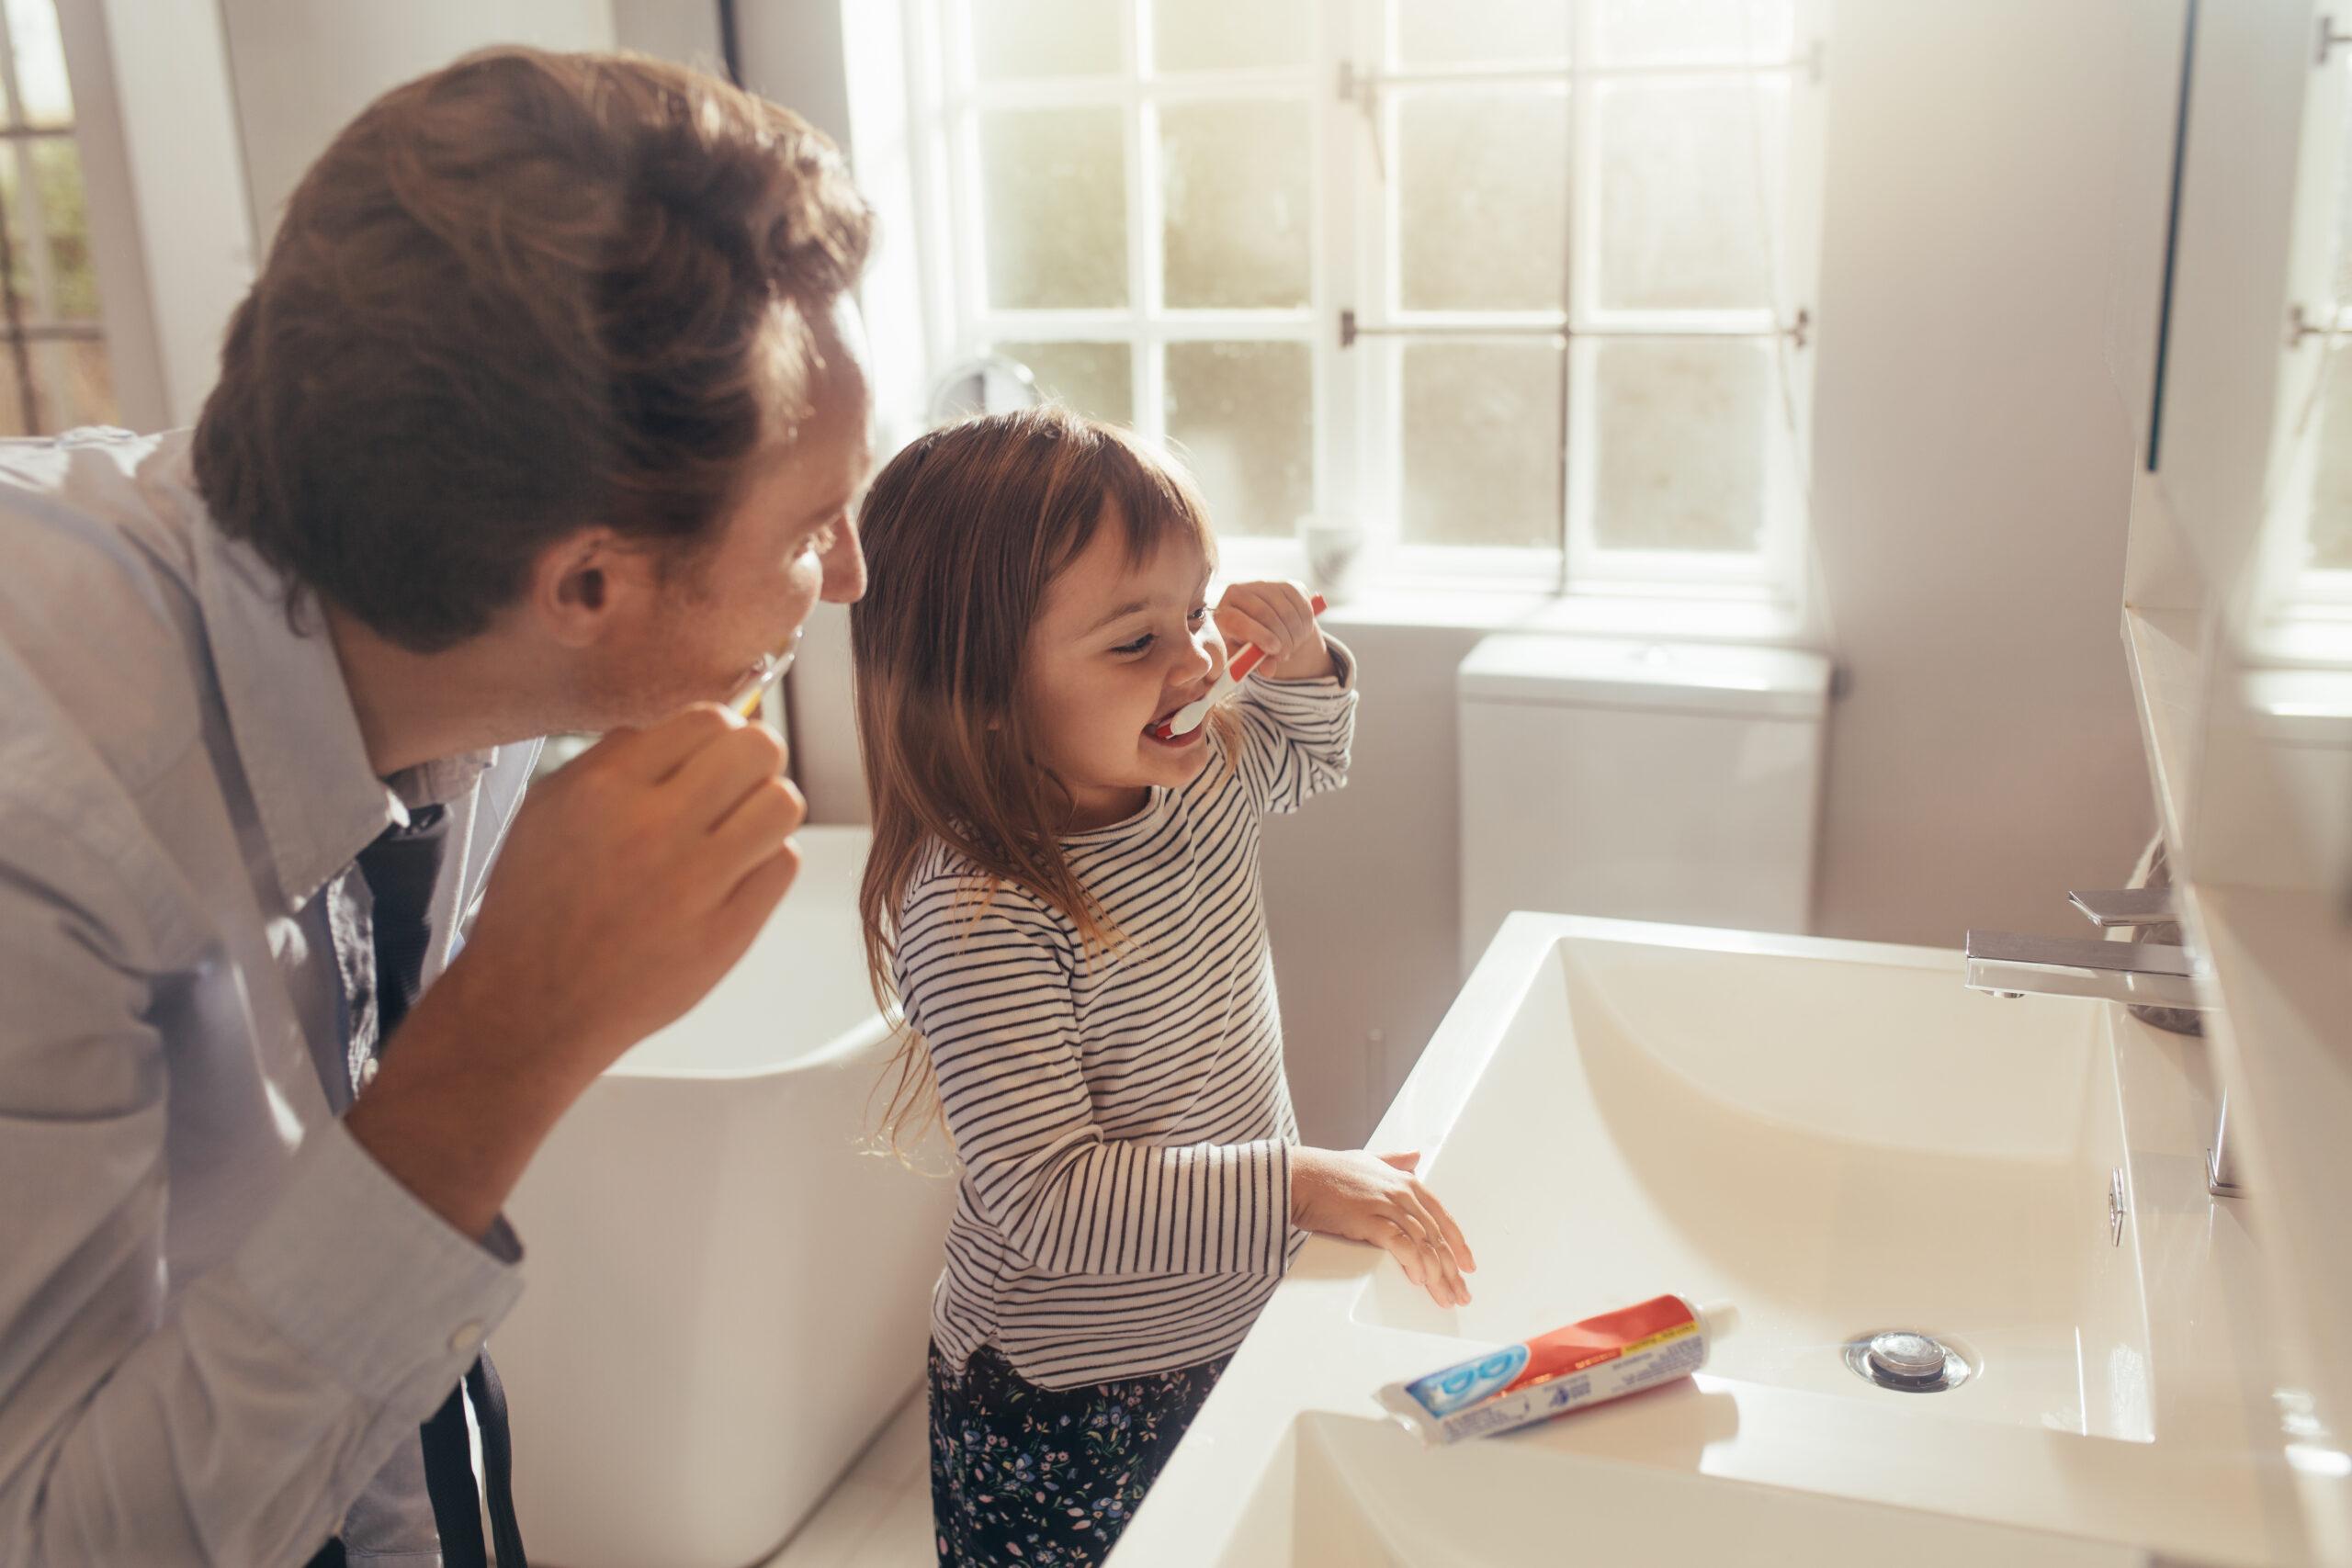 nauka szczotkowania pierwszych zębów u dziecka